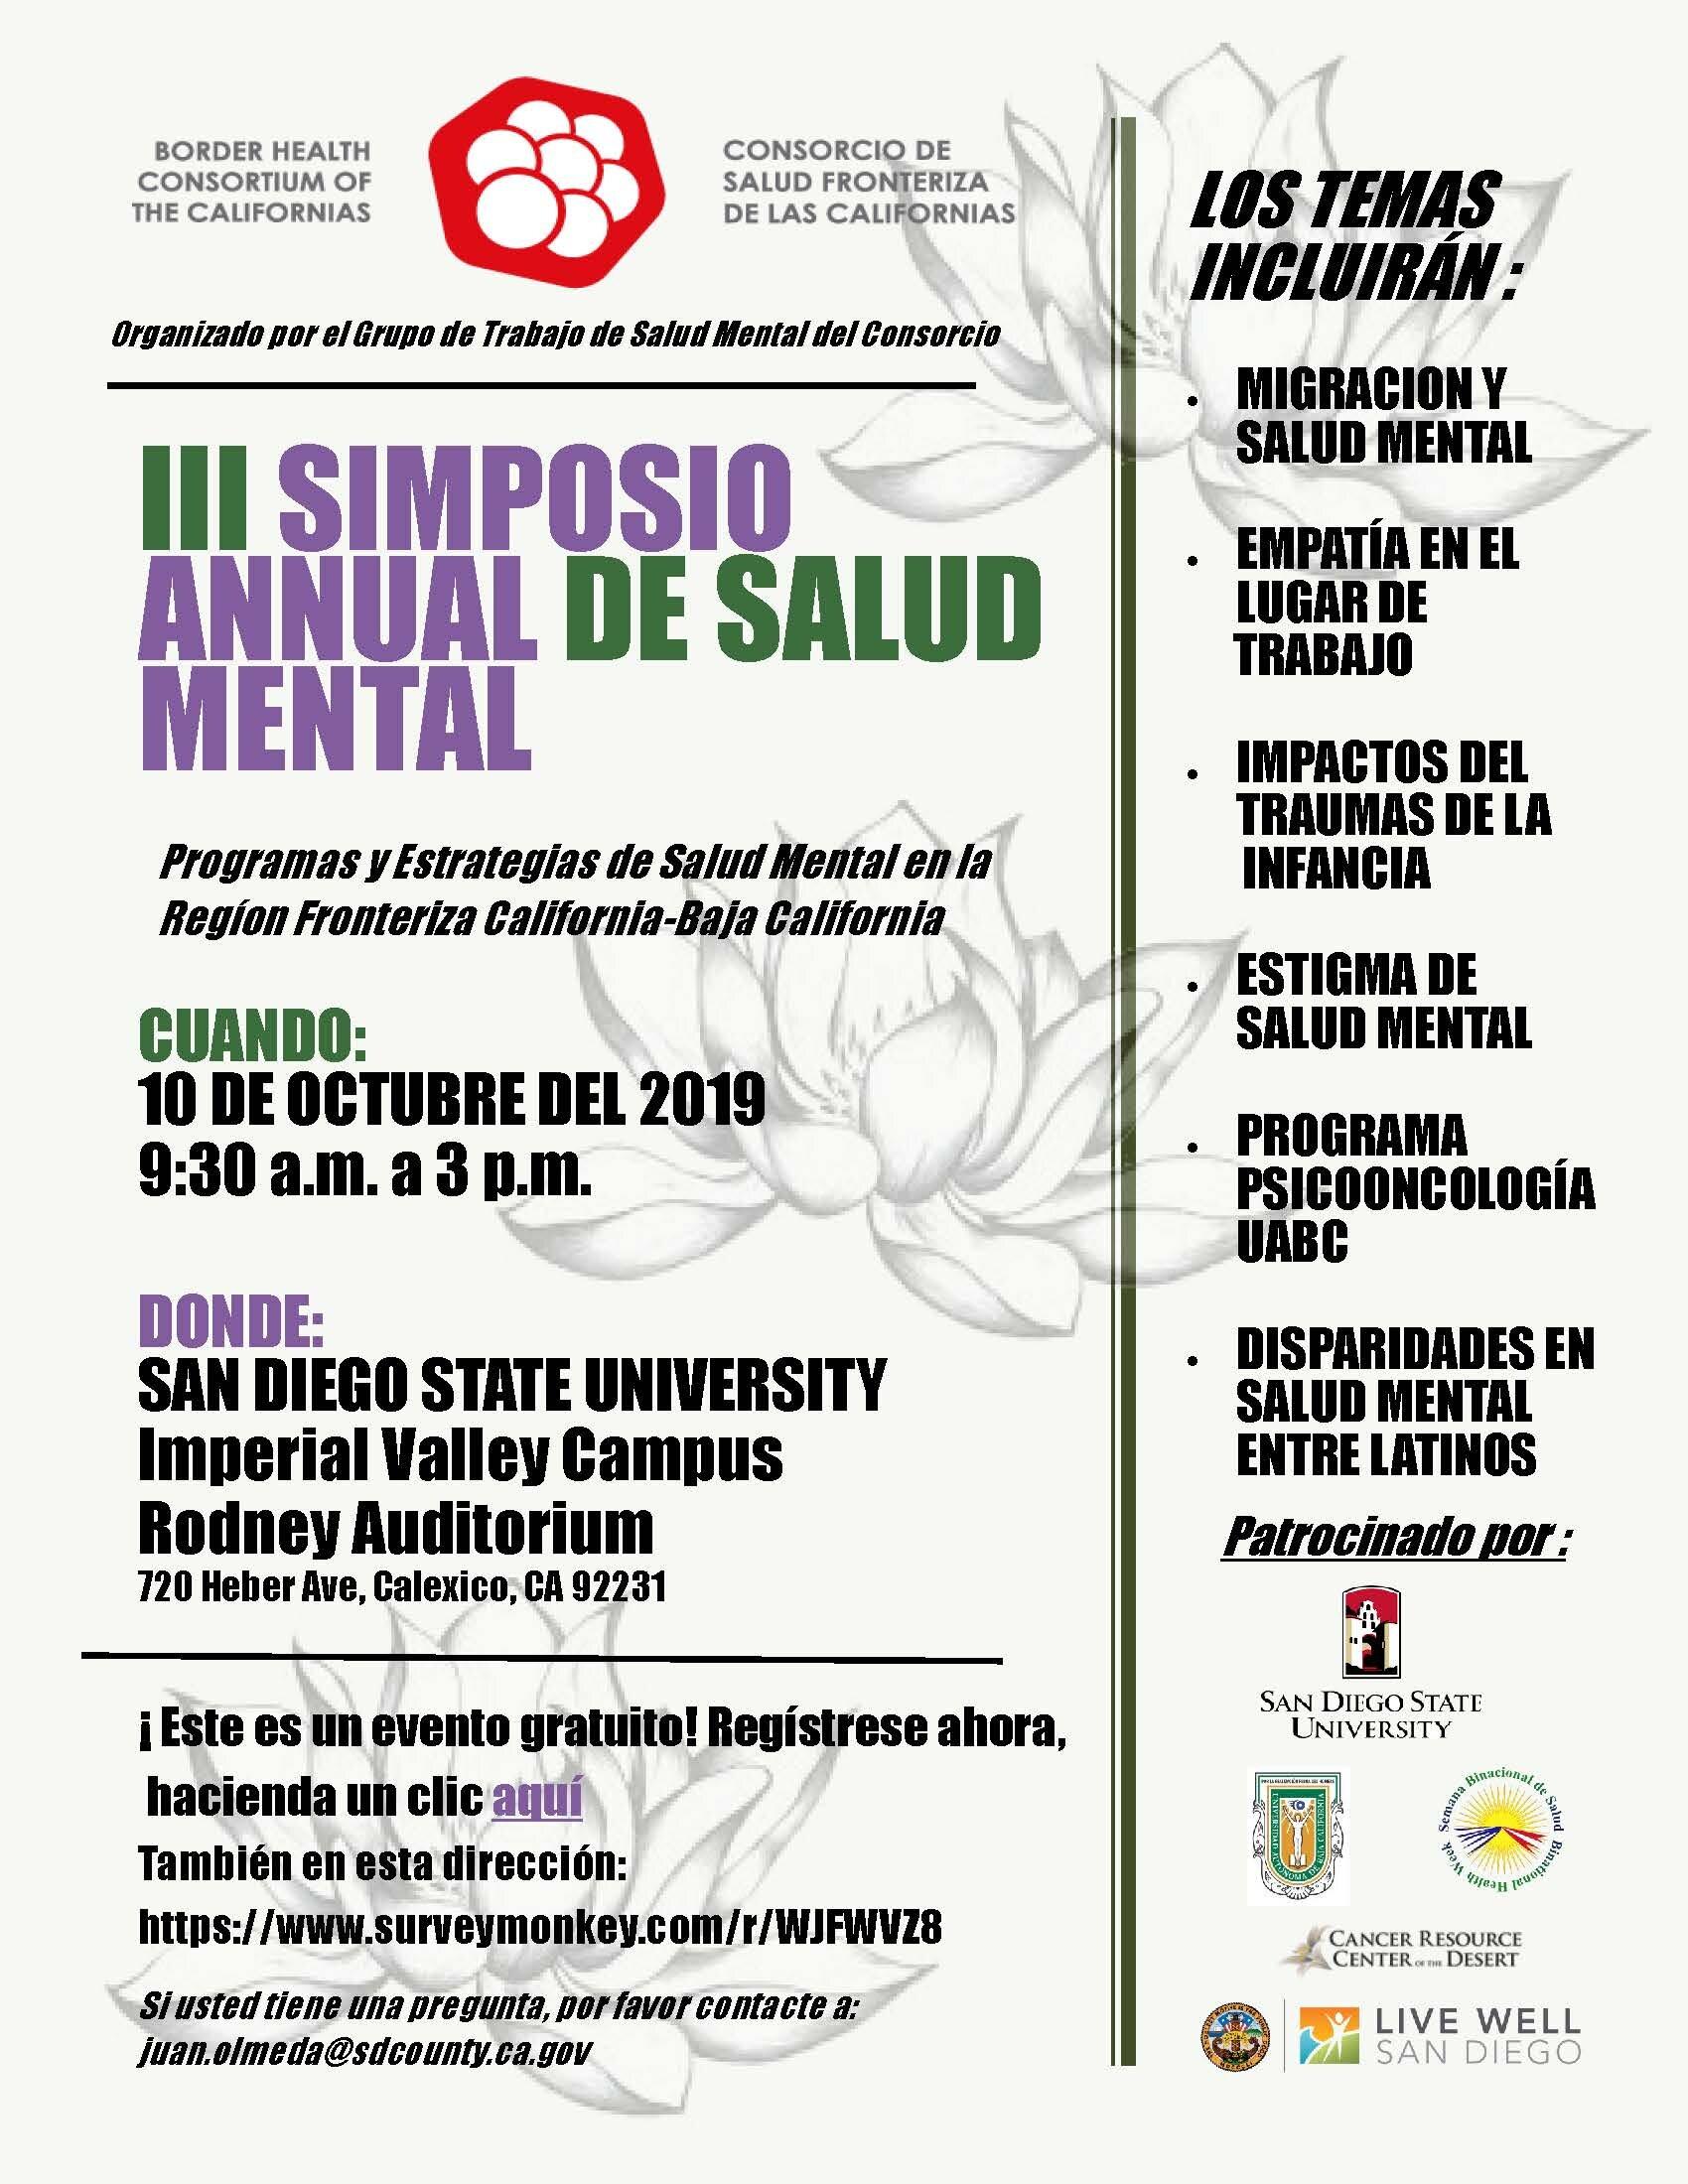 Simposio de Salud Mental 10 de OctubreVolante (1)_Page_1.jpg